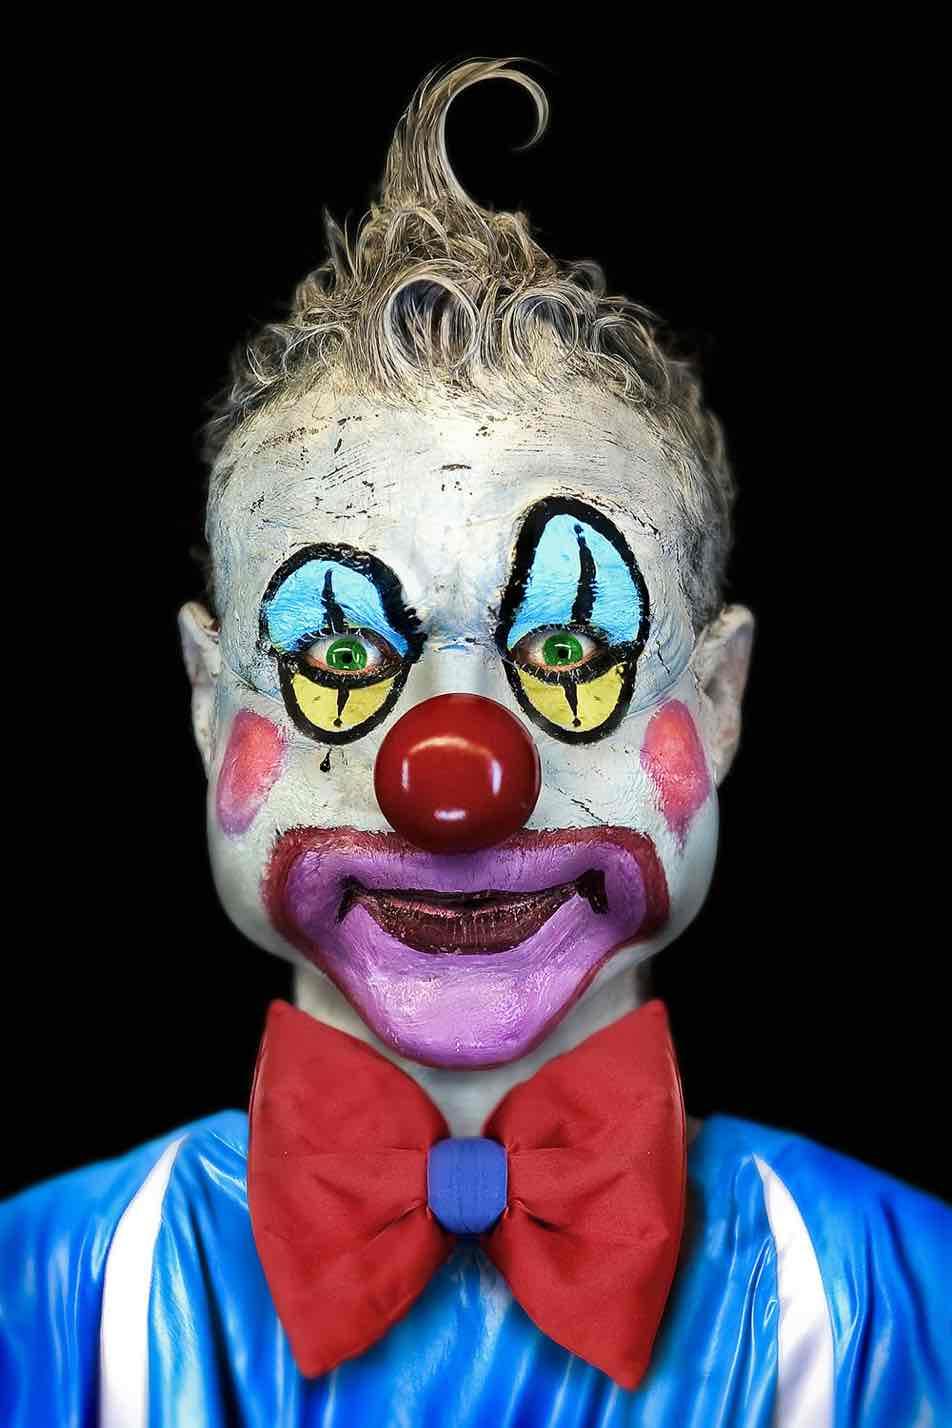 страшный клоун современное искусство фотография ddiarte